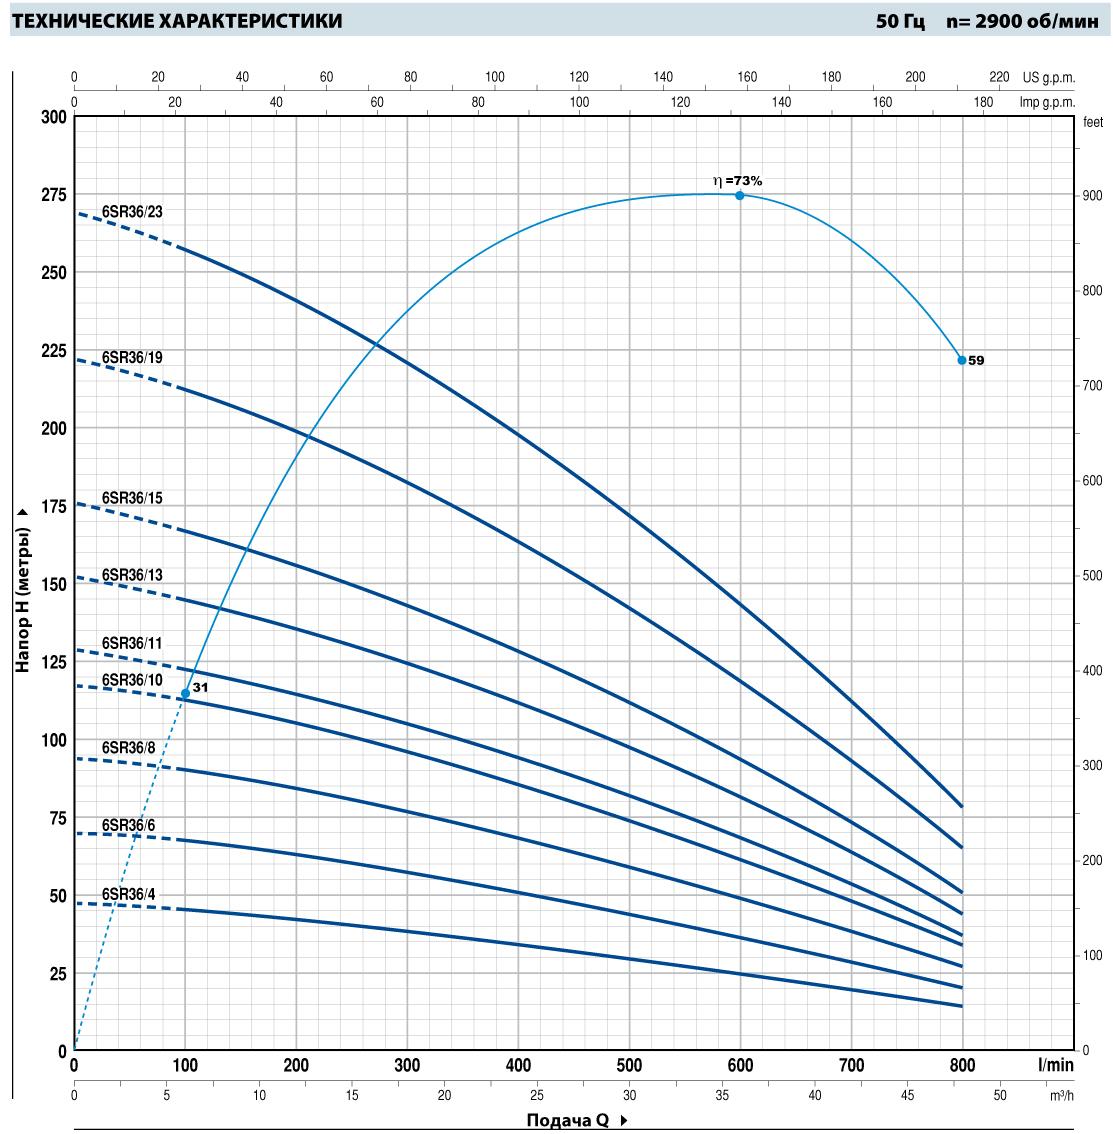 Шкала производительности погружного насоса Pedrollo 6SR36